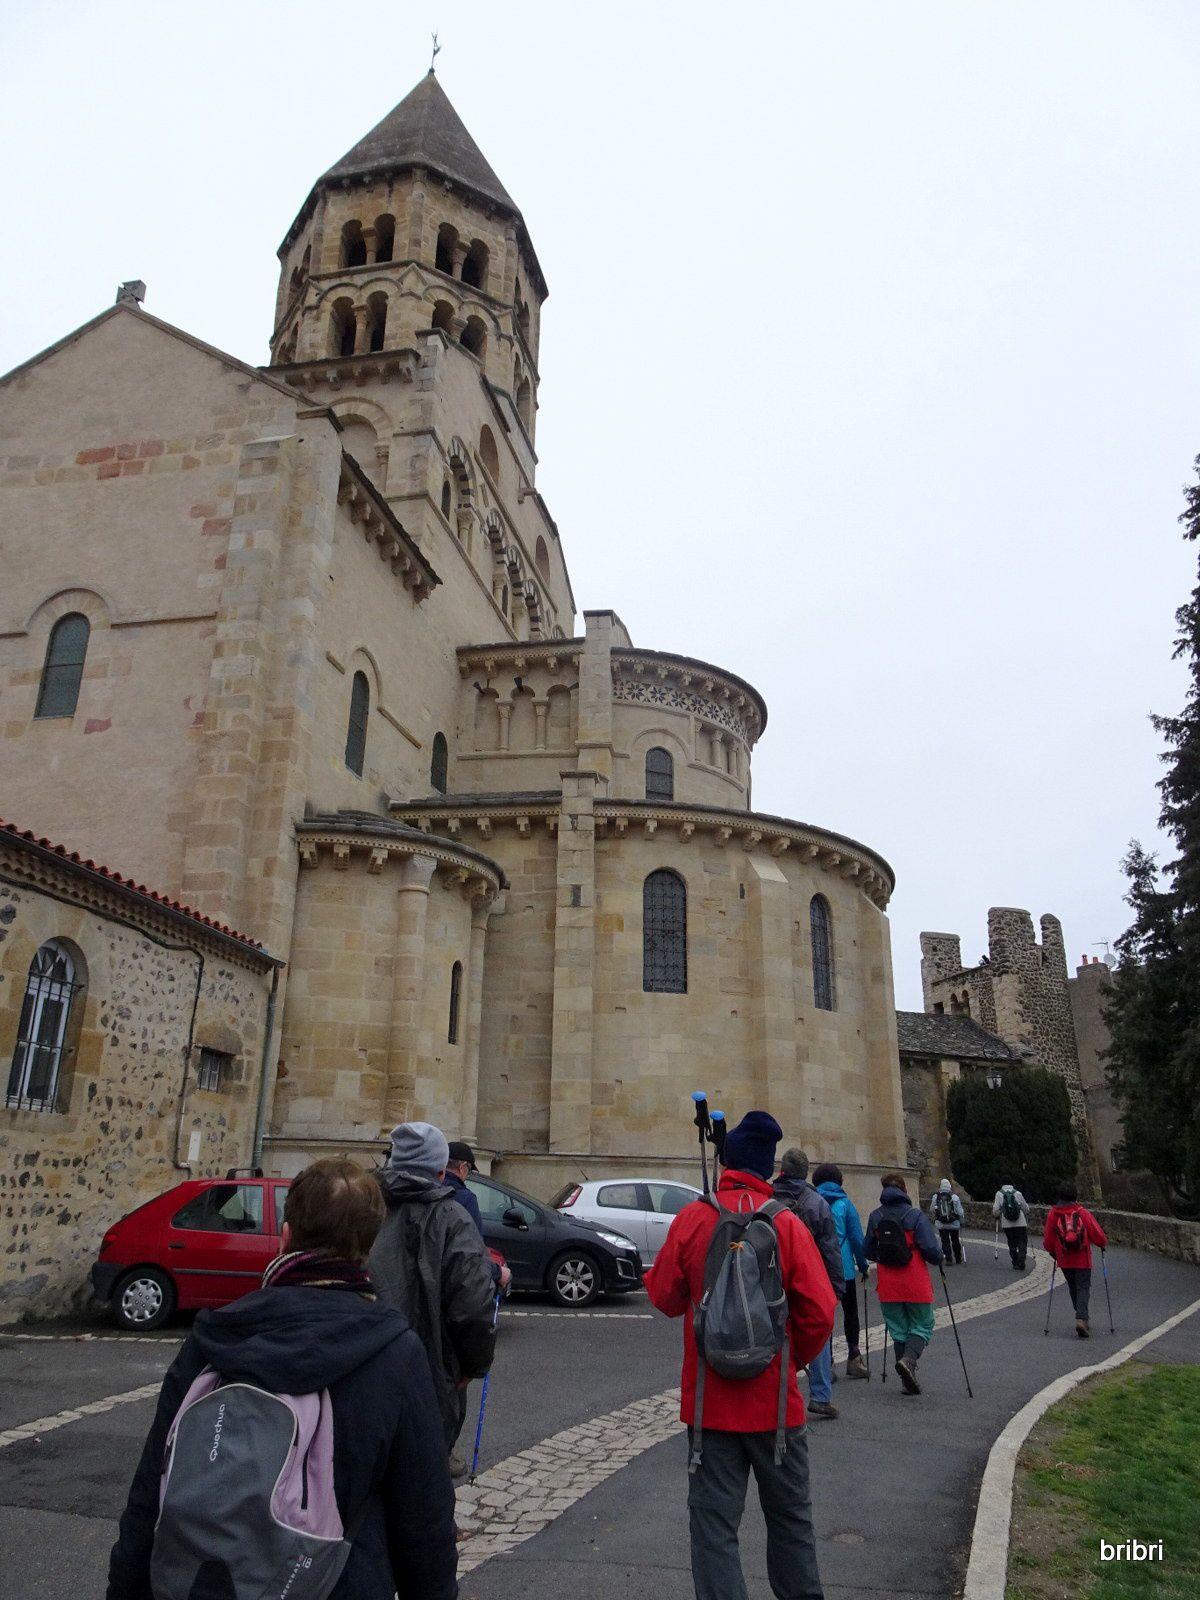 Traversée du village avec son château, son église, son sarcophage.